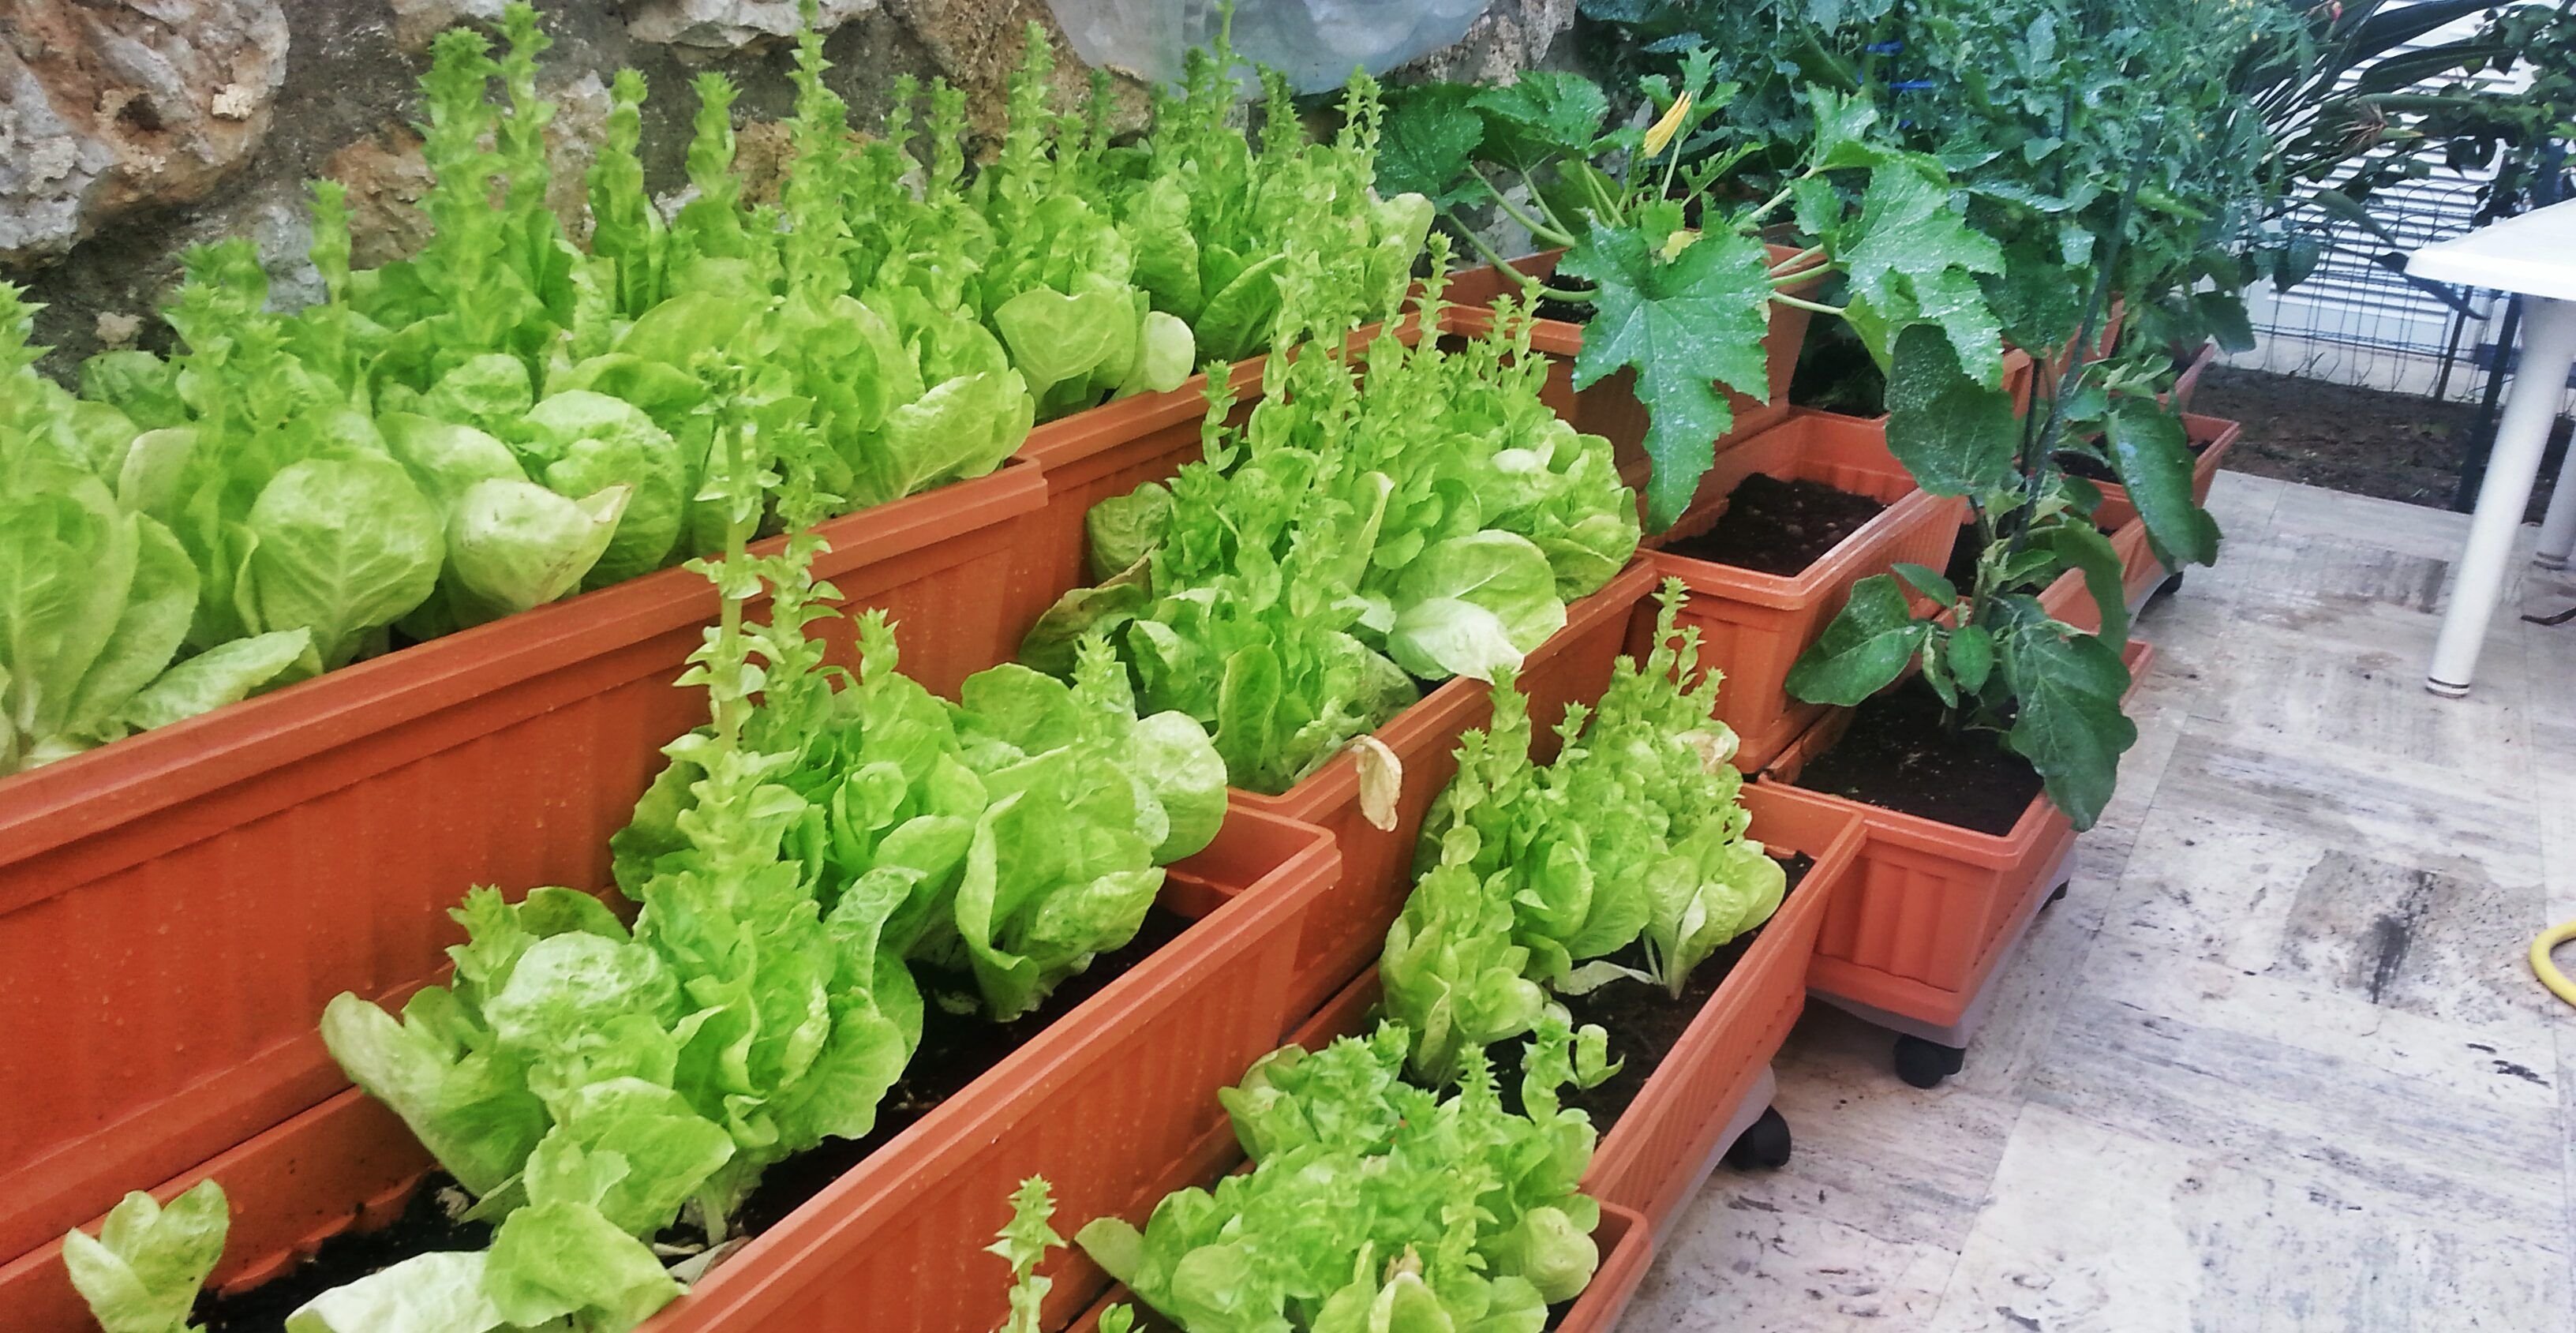 Fiori Da Piantare Nell Orto orto sul balcone: cosa piantare (con immagini) | piantare